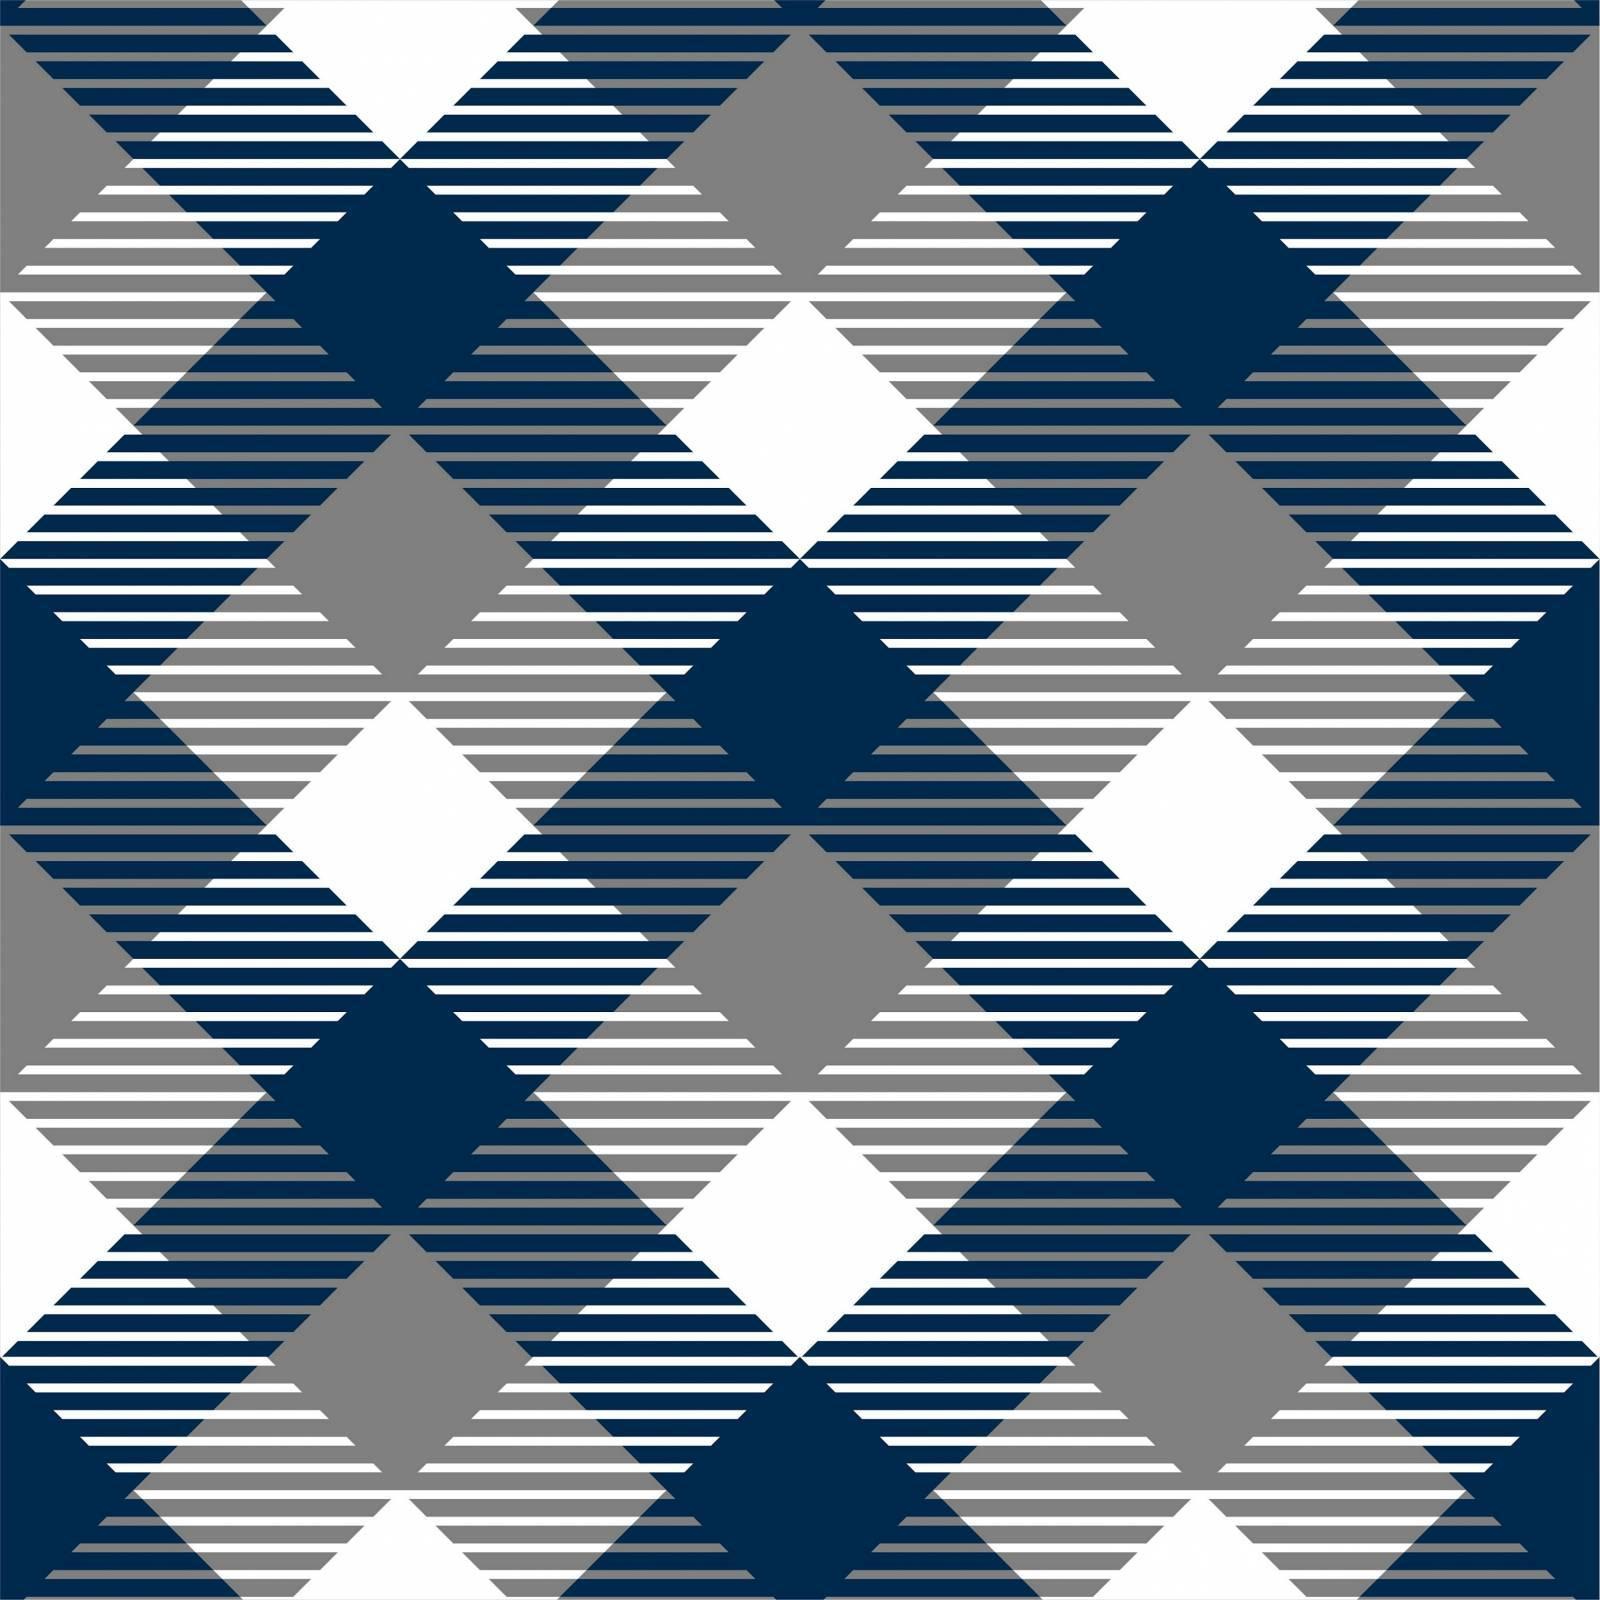 Papel de Parede Xadrez Azul | Adesivo Vinilico imagem 1